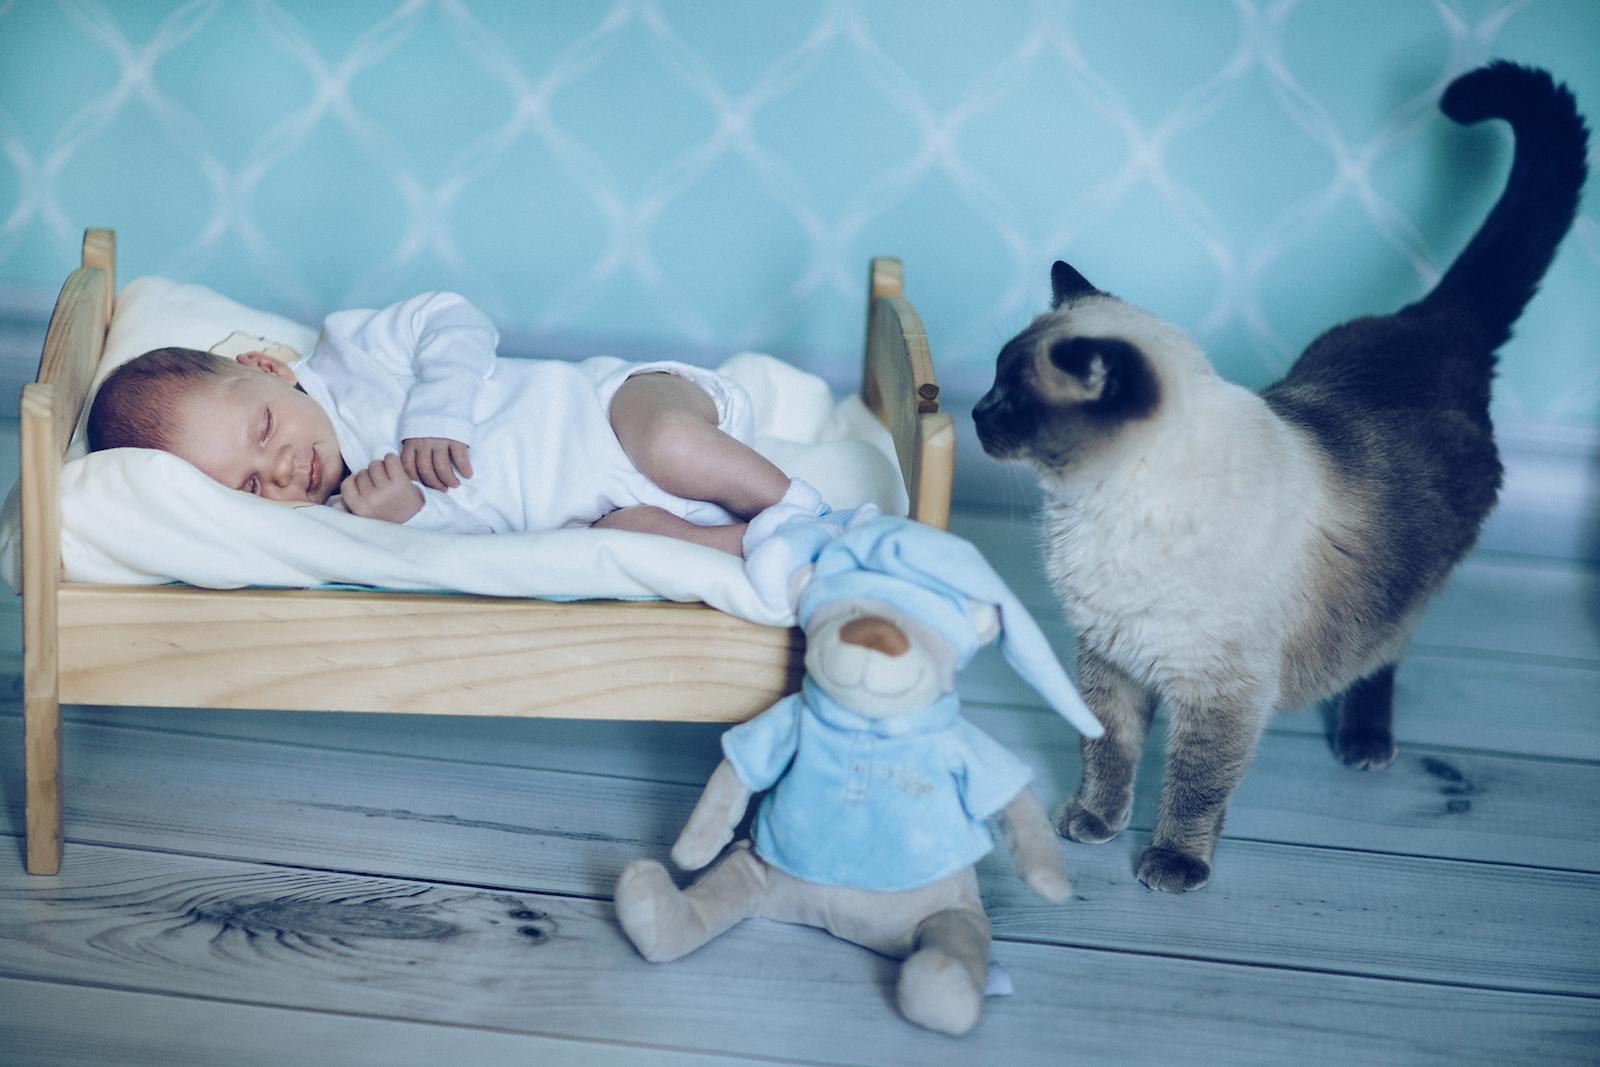 Этично ли фотографировать спящих детей? дети,семейное фото,фотография